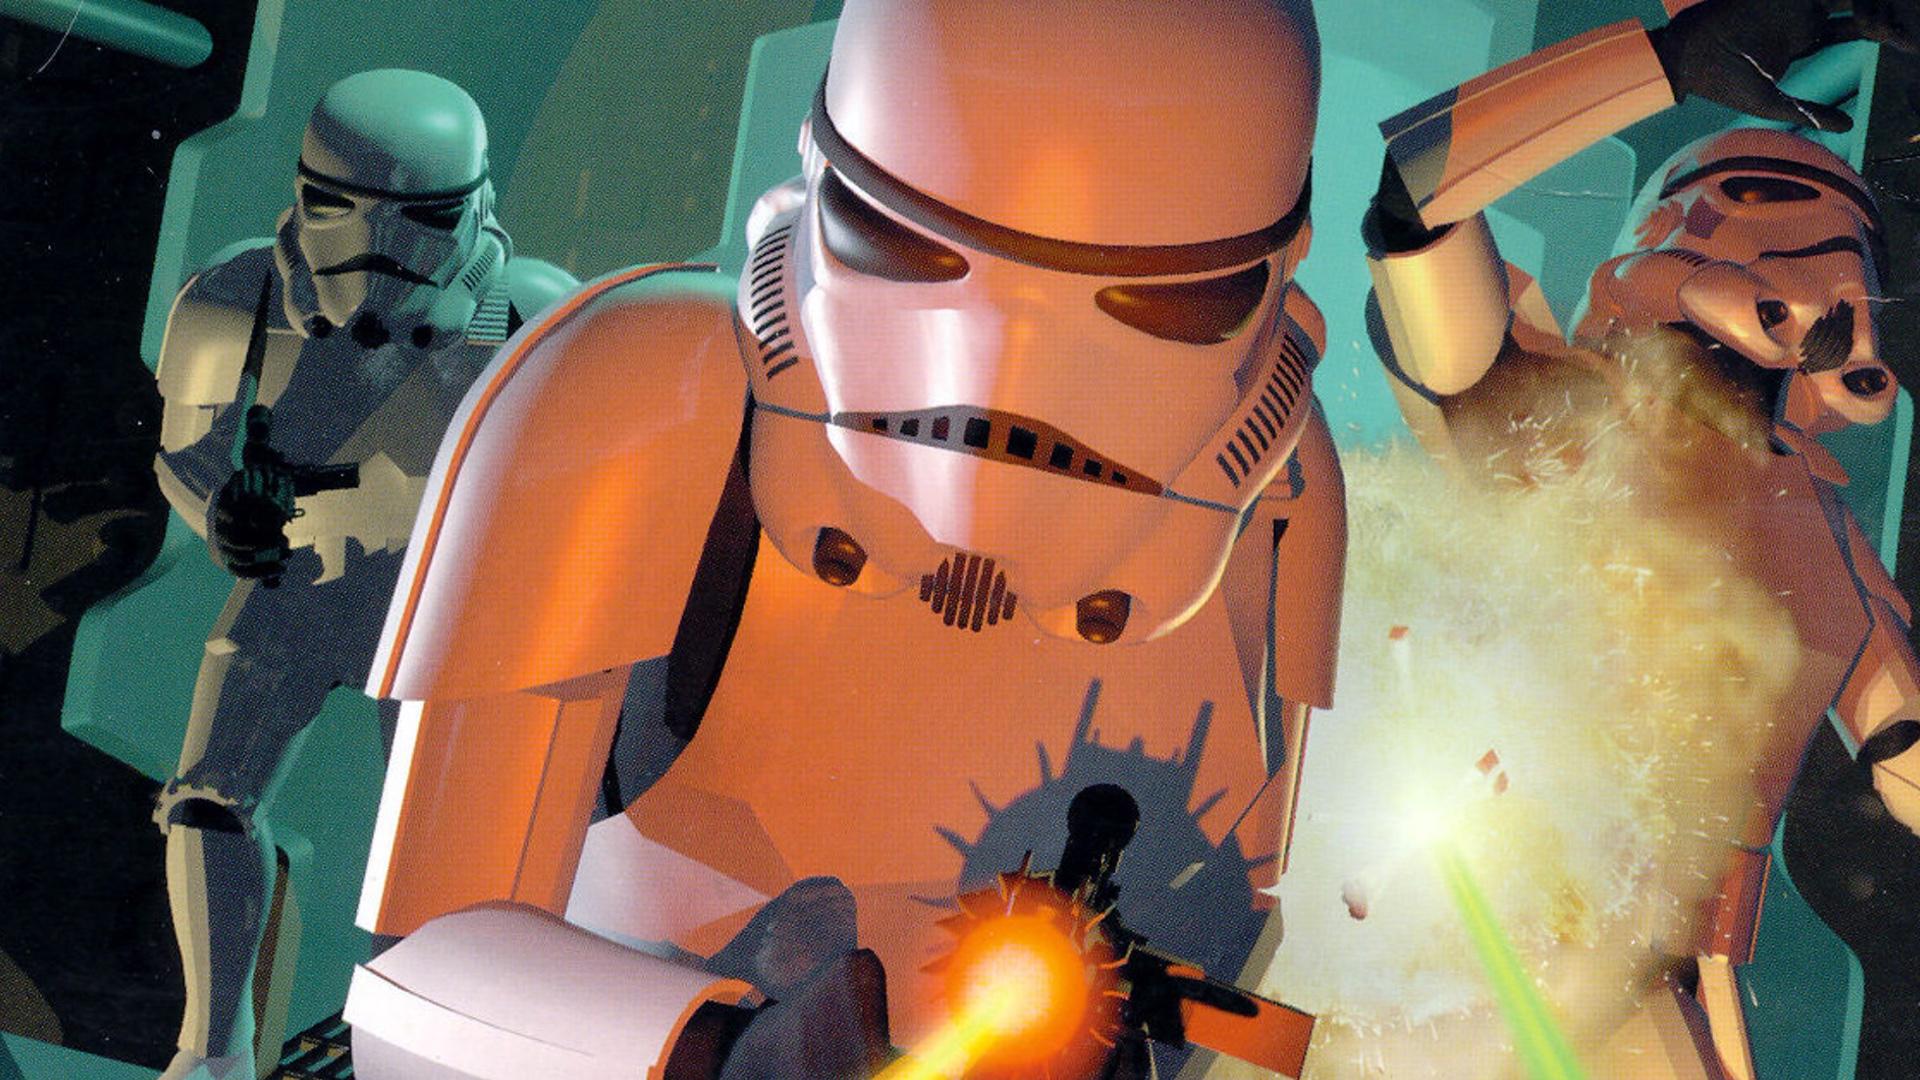 Первые ранние геймплейные кадры фанатского ремейка Star Wars: Dark Forces на движке UE4